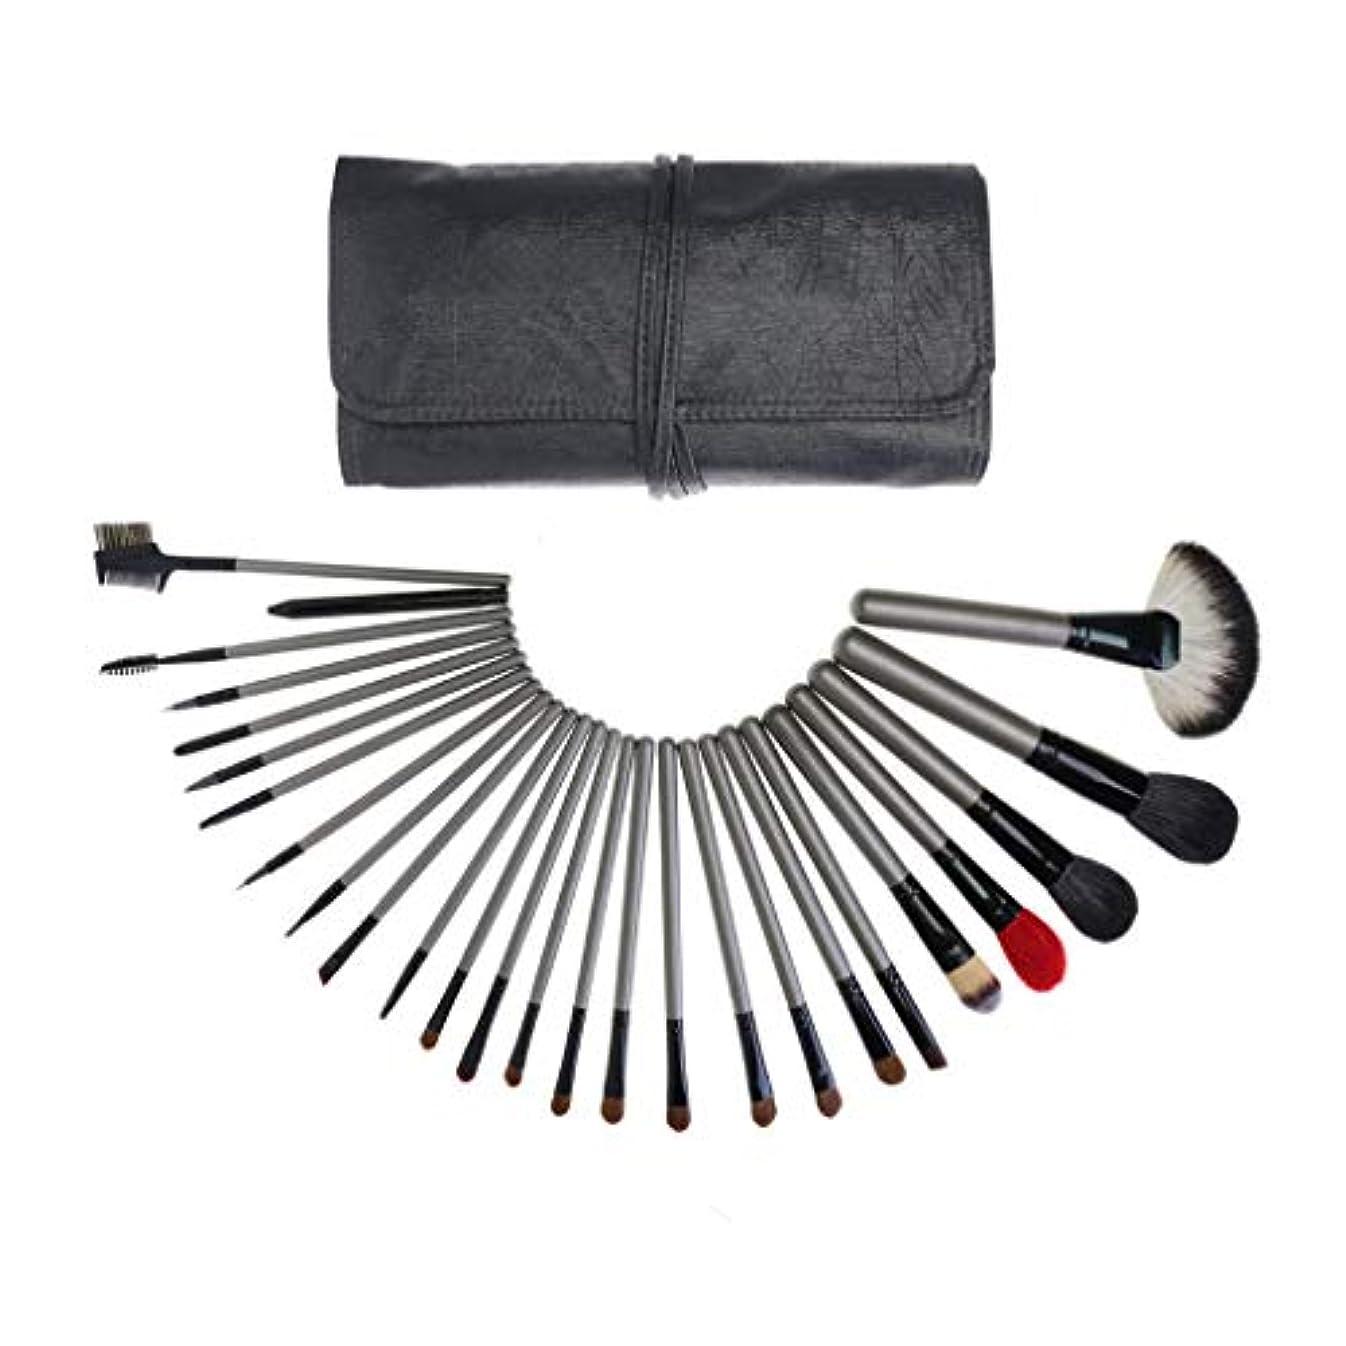 エスカレートアピールテレックス初心者のための26の化粧ブラシセット美容ツール